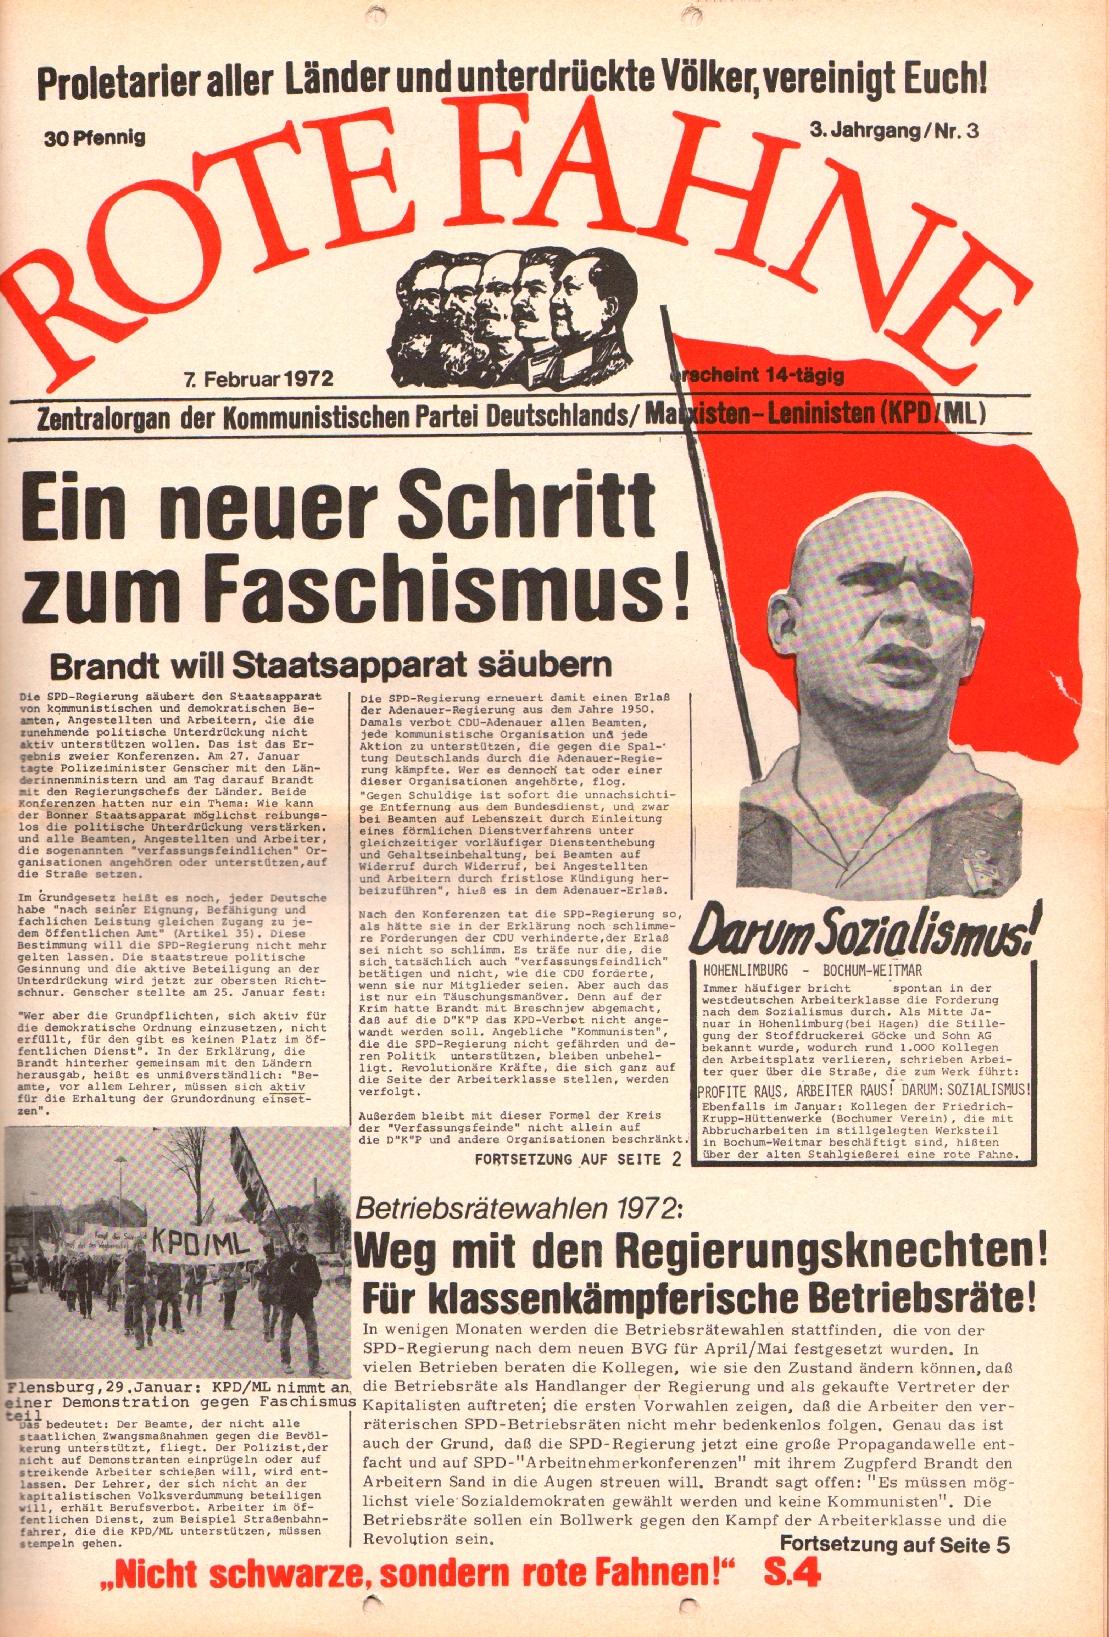 Rote Fahne, 3. Jg., 7.2.1972, Nr. 3, Seite 1